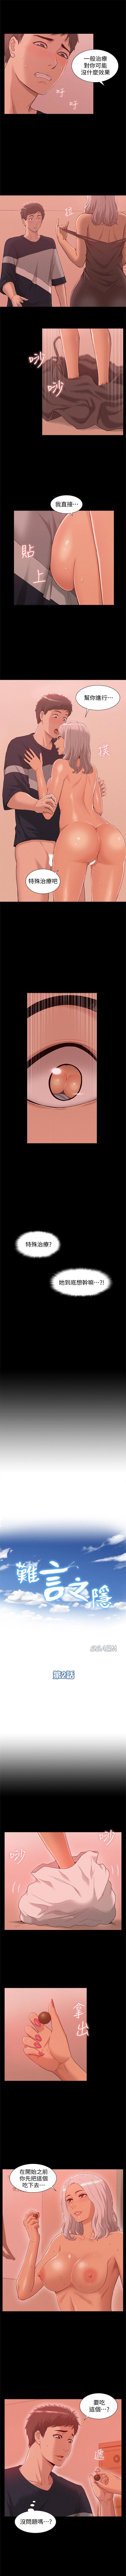 (周4)难言之隐 1-20 中文翻译(更新中) 9